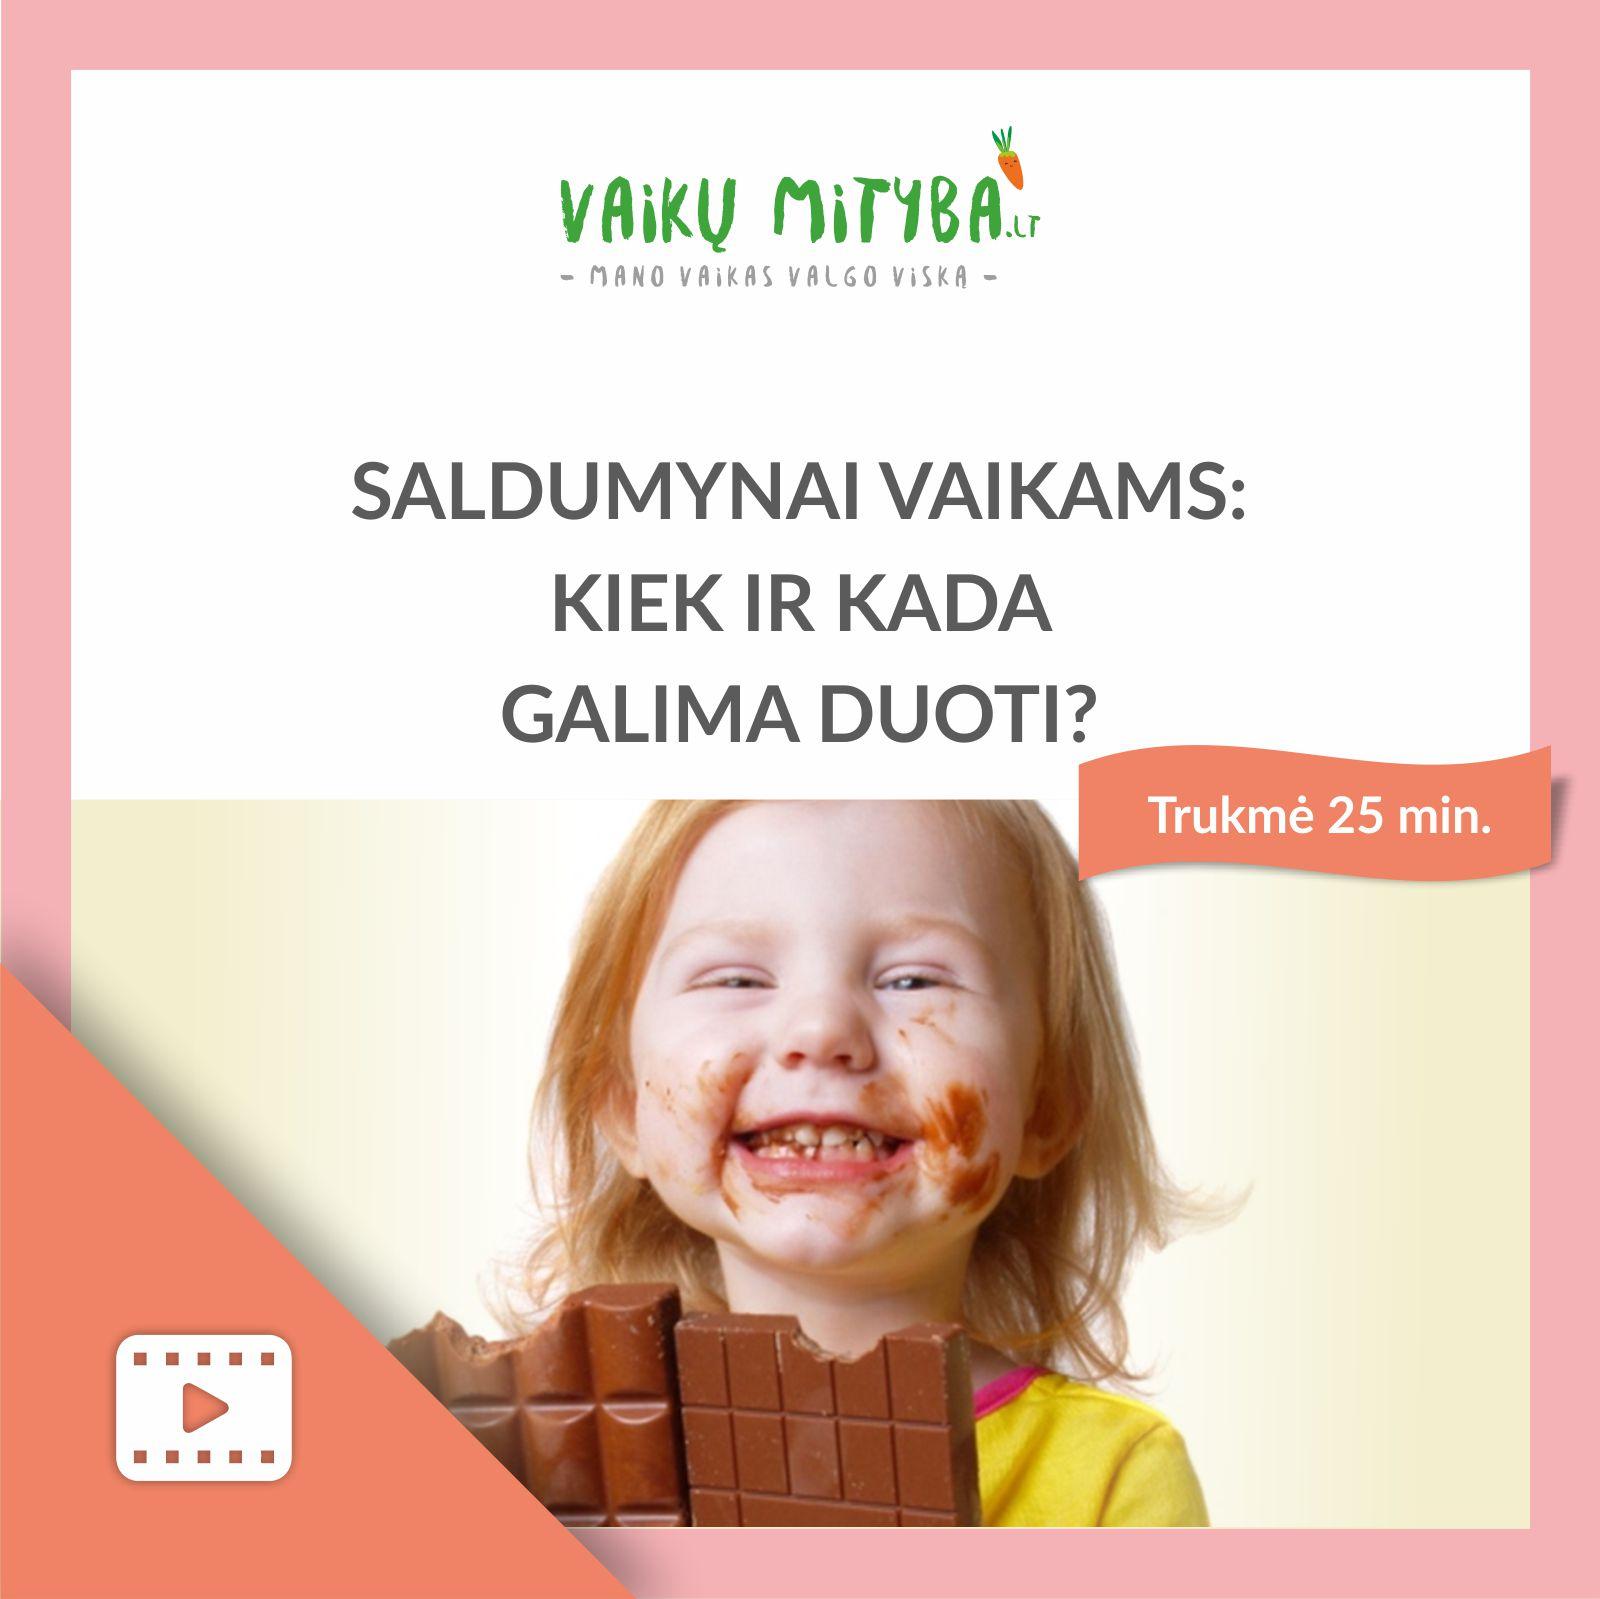 Saldumynai vaikams kiek ir kada galima duoti [video] - vaikumityba.lt